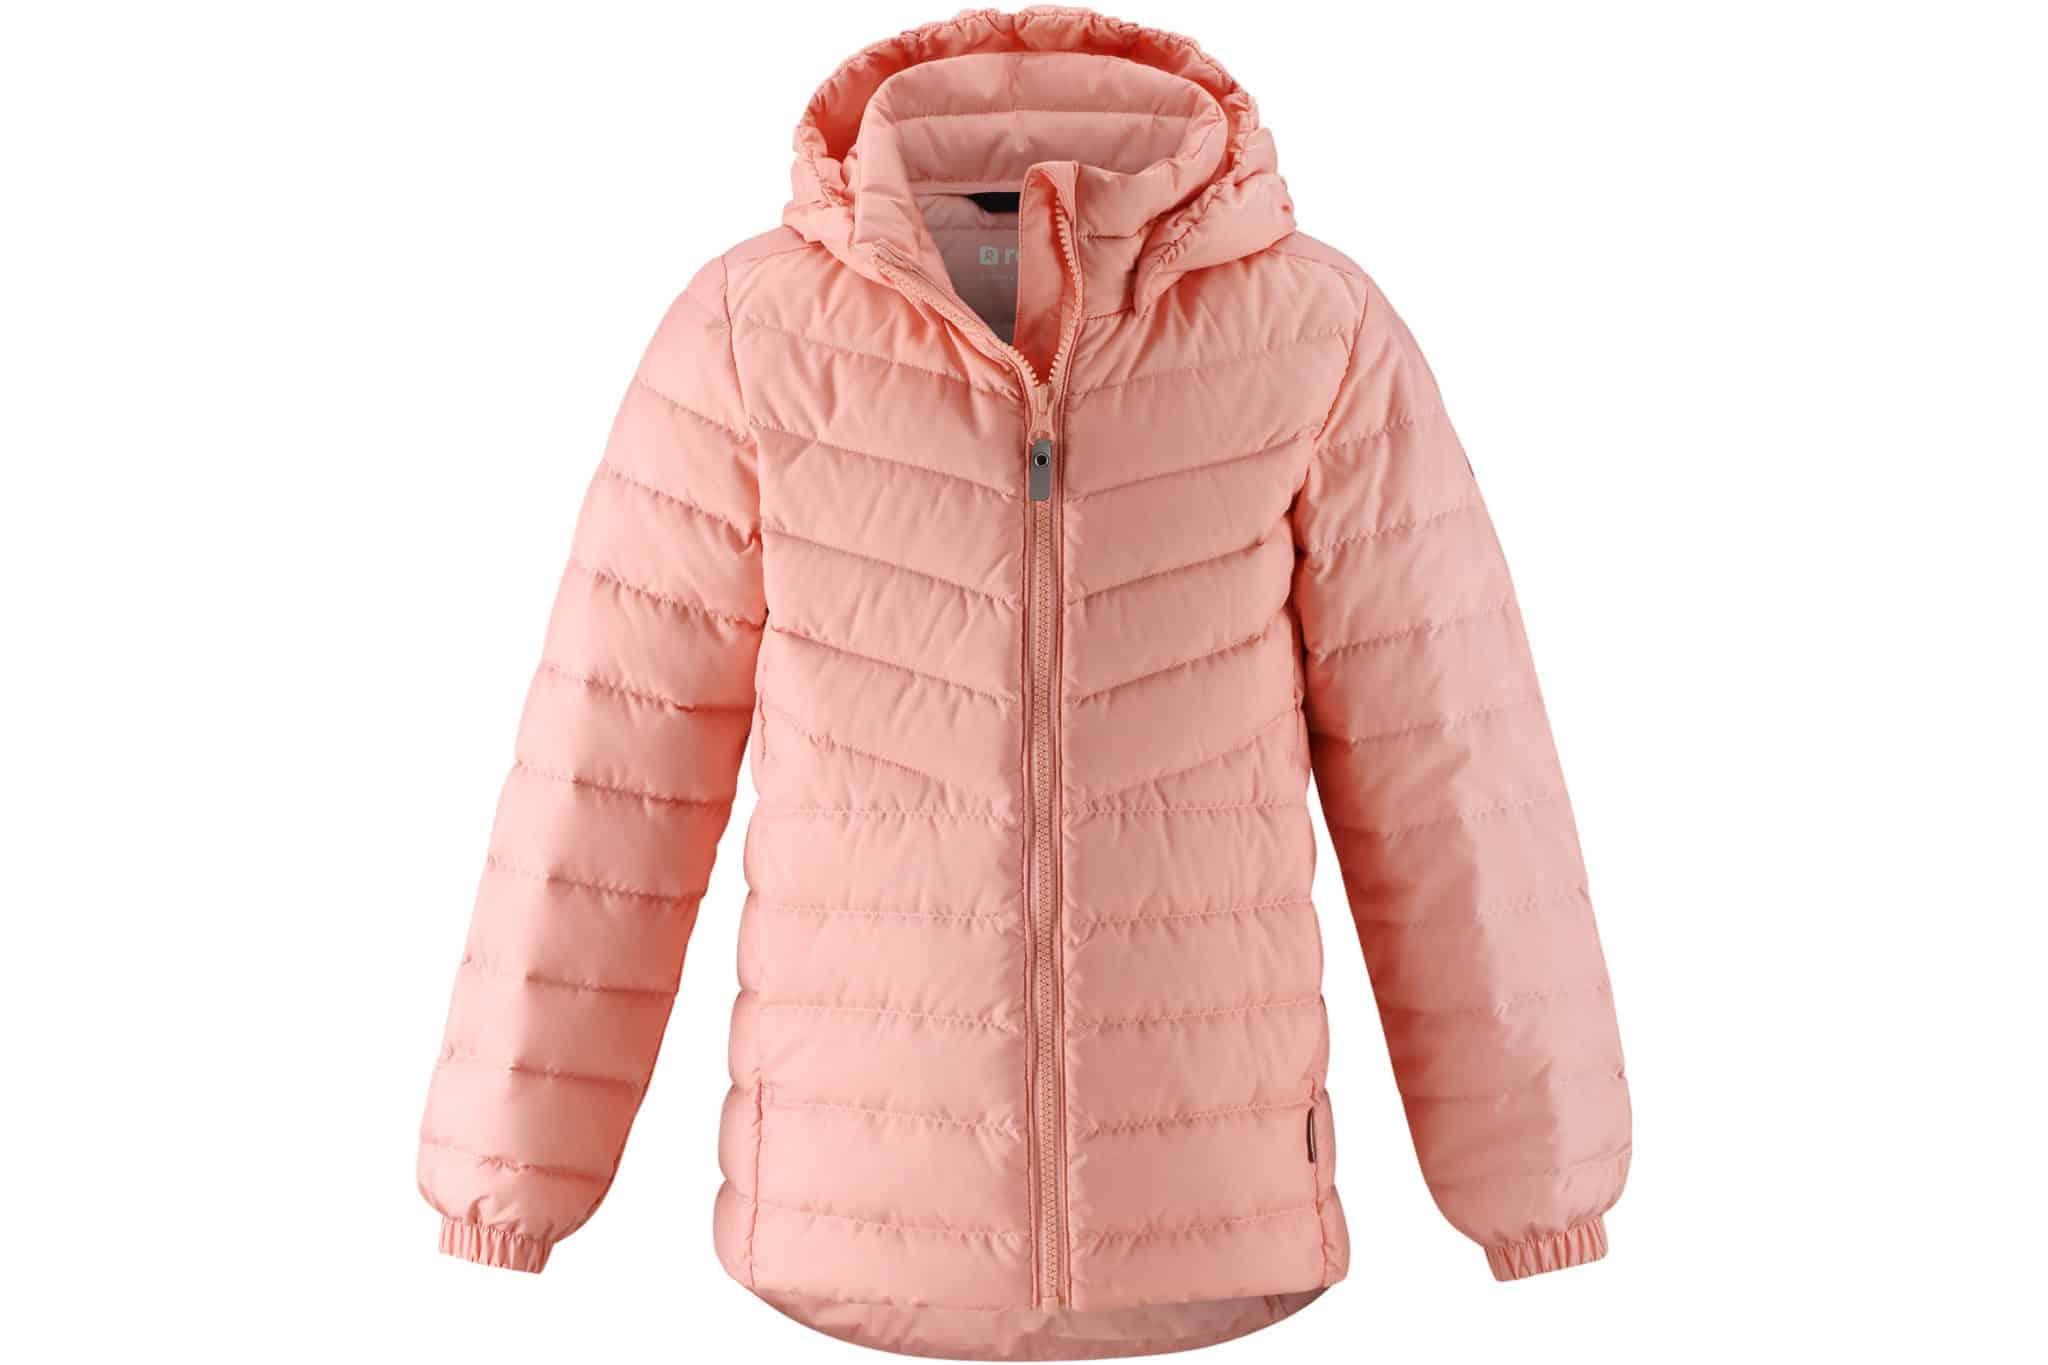 Lightweight down Reima jacket